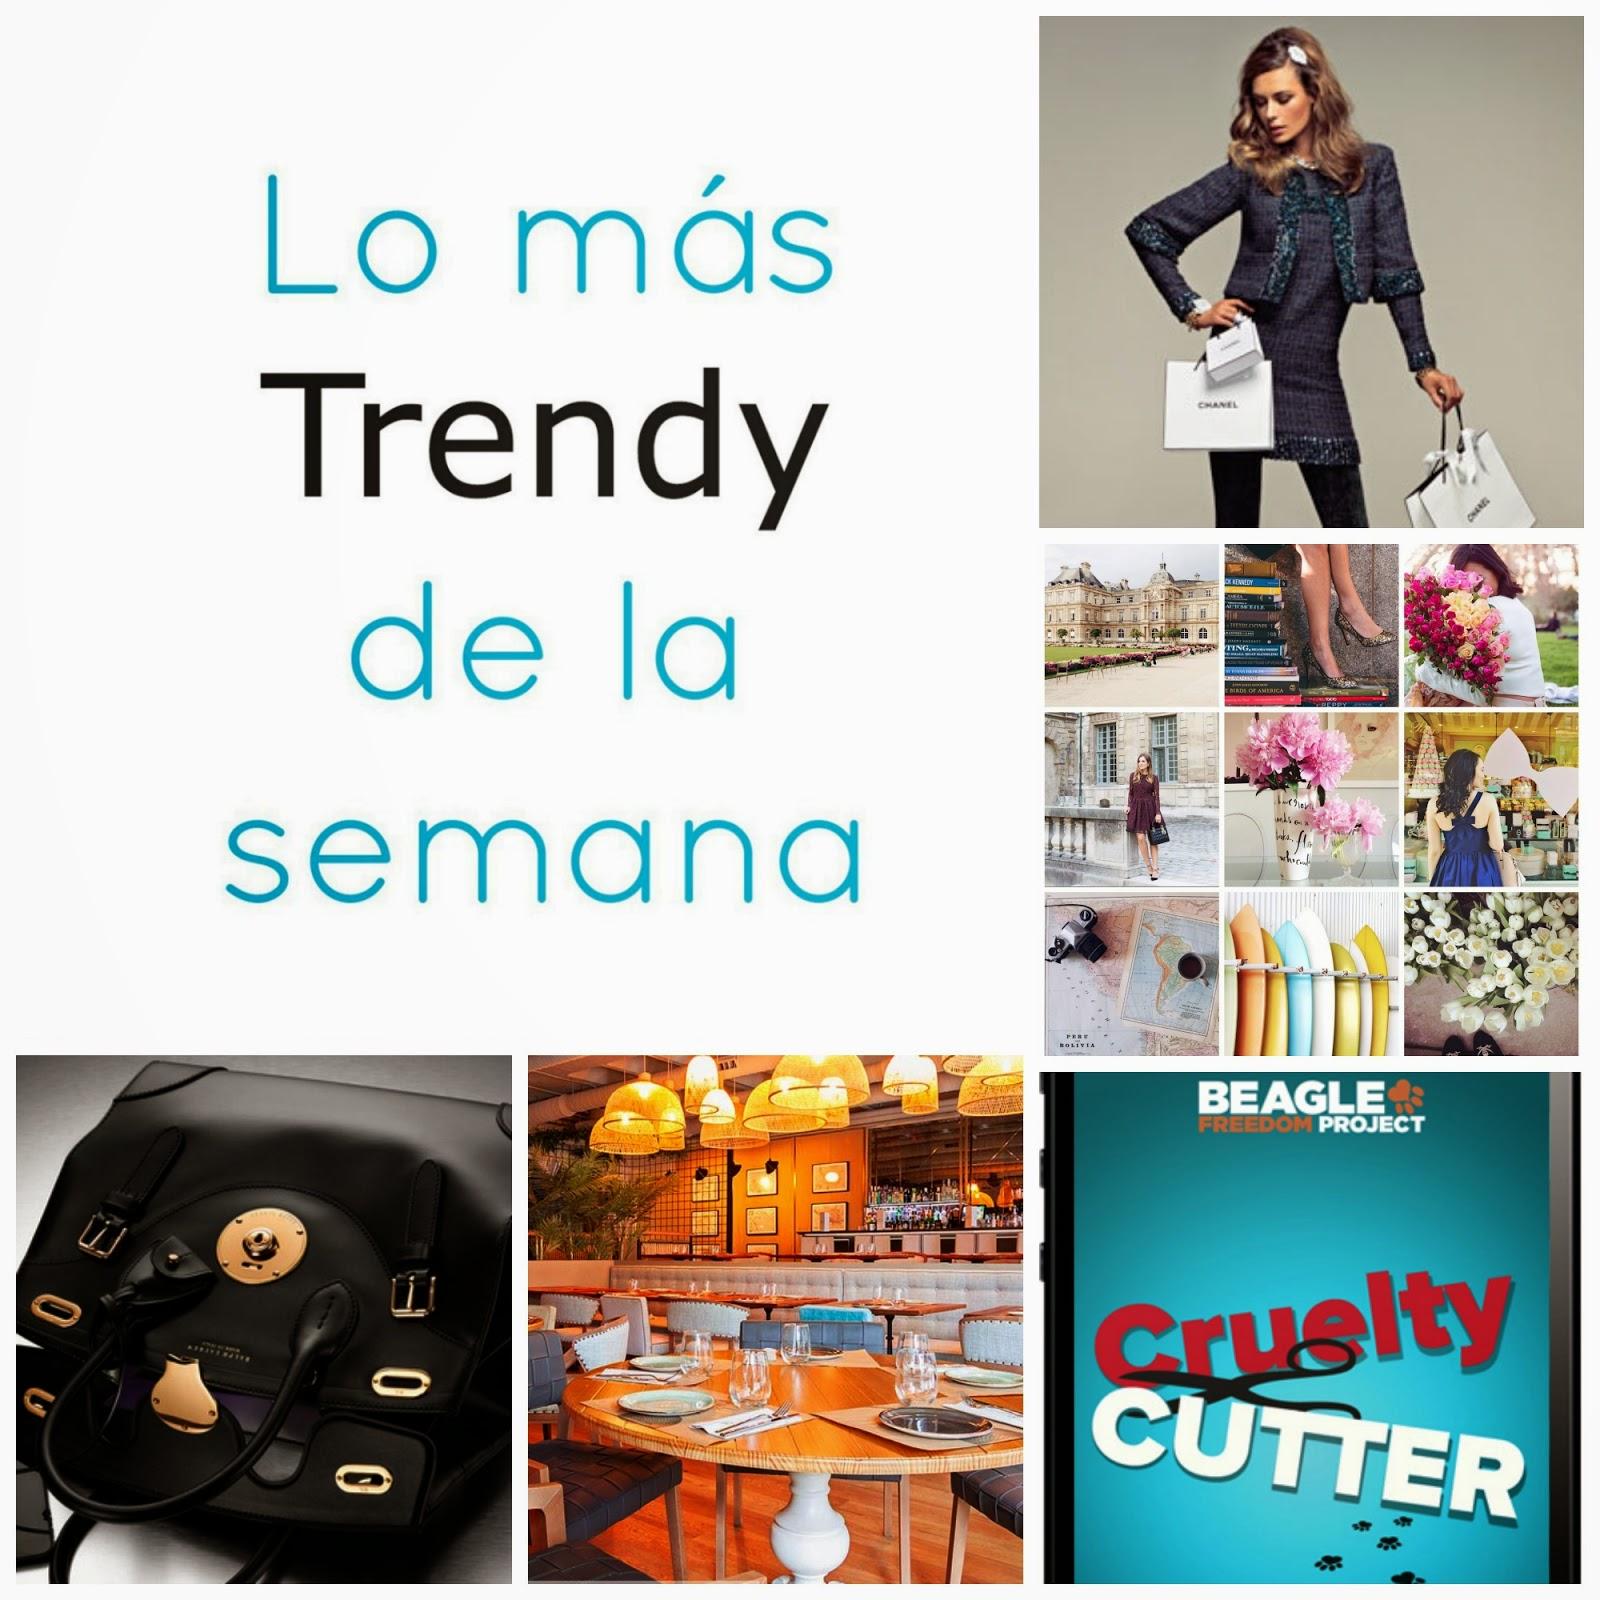 Instagram compras artículo moda tendencias planes viernes fin de semana asesora asesoria